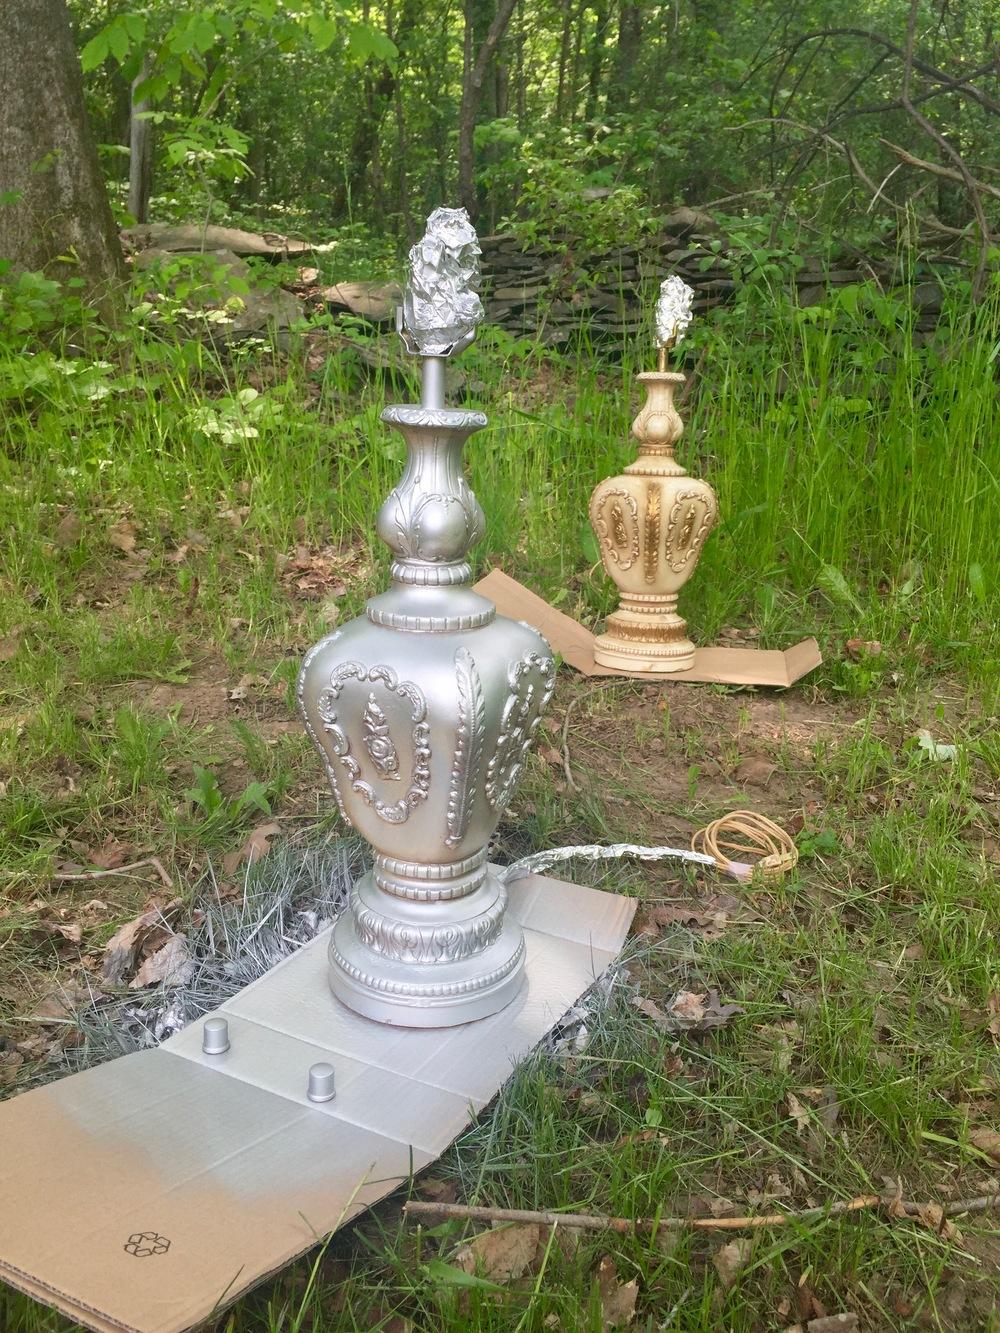 Spray-painted lamp in Krylon metallic silver | BrooklynDoubleWide.com